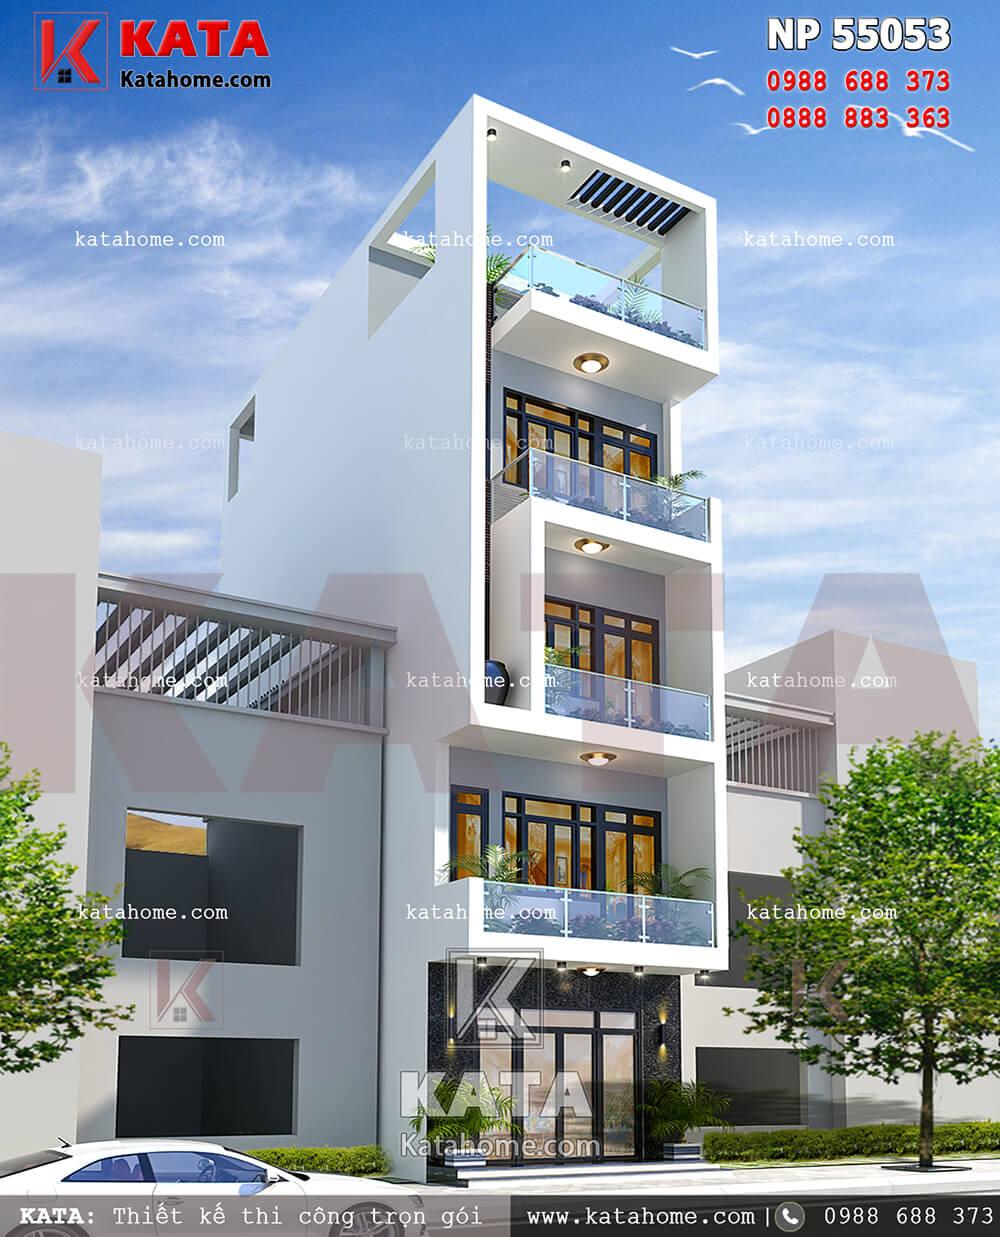 Phối cảnh mẫu nhà phố 5 tầng kết hợp kinh doanh - Mã số: NP 55053